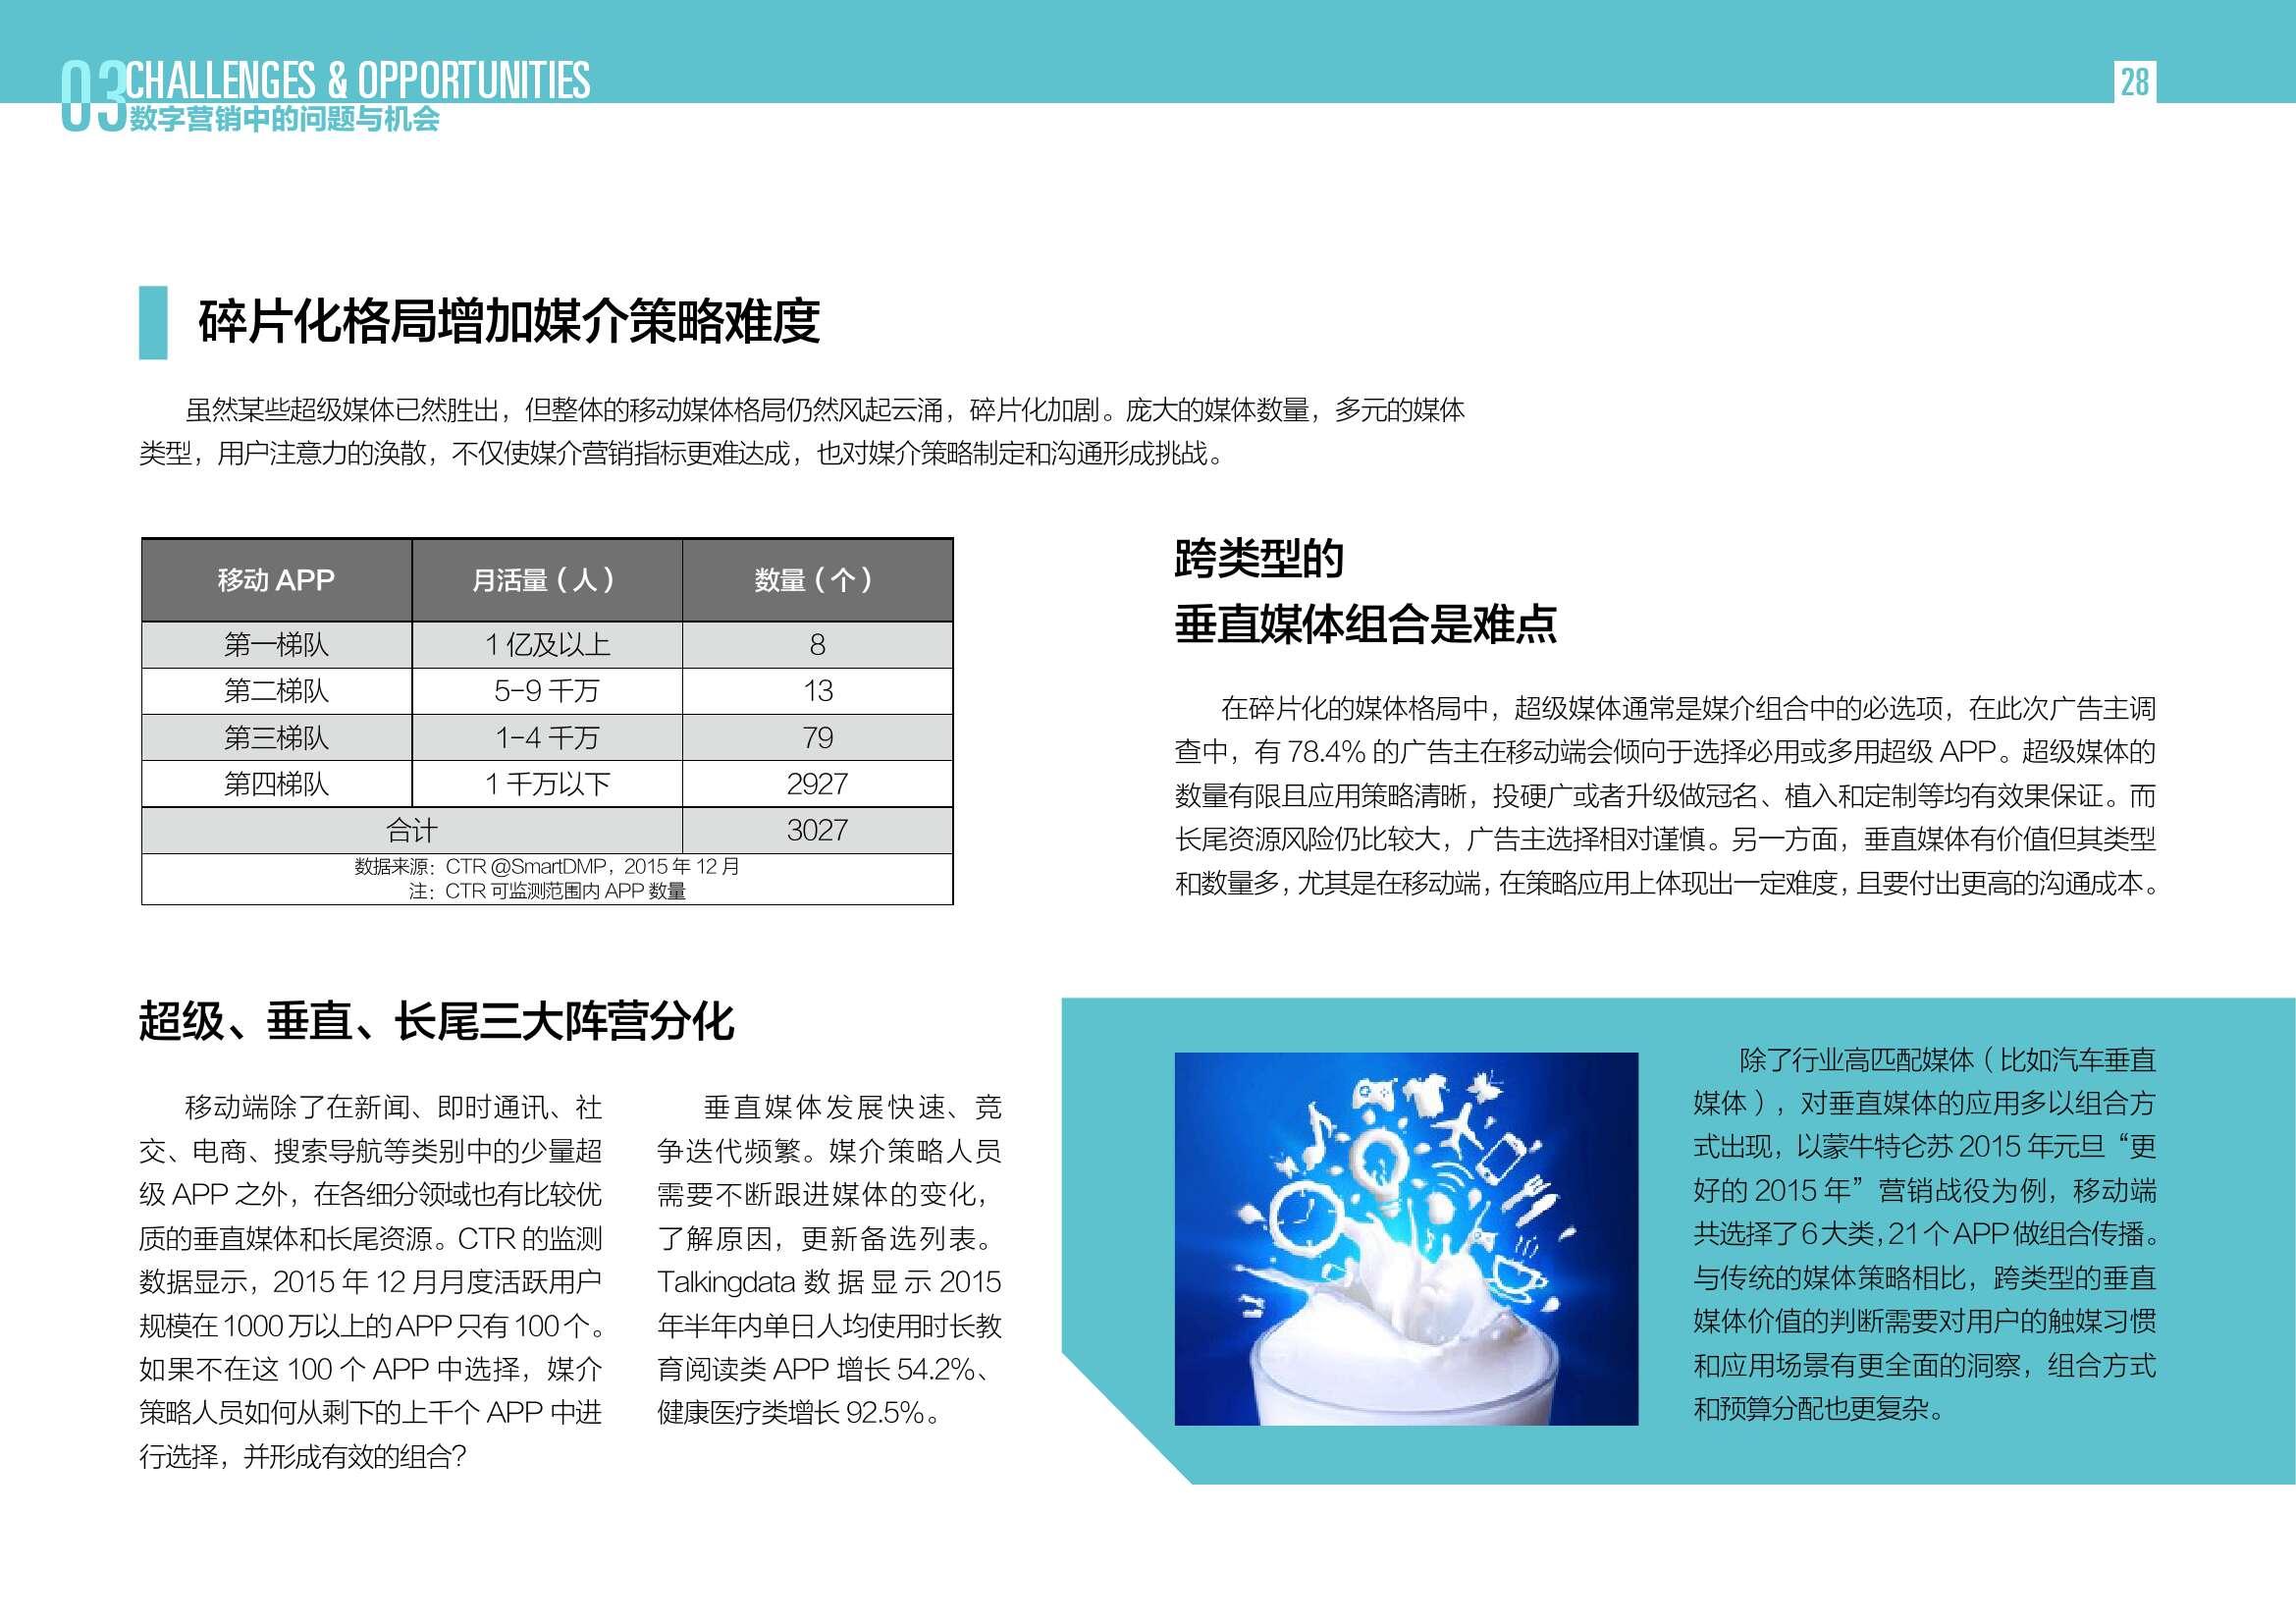 2016中国数字营销行动报告_000028